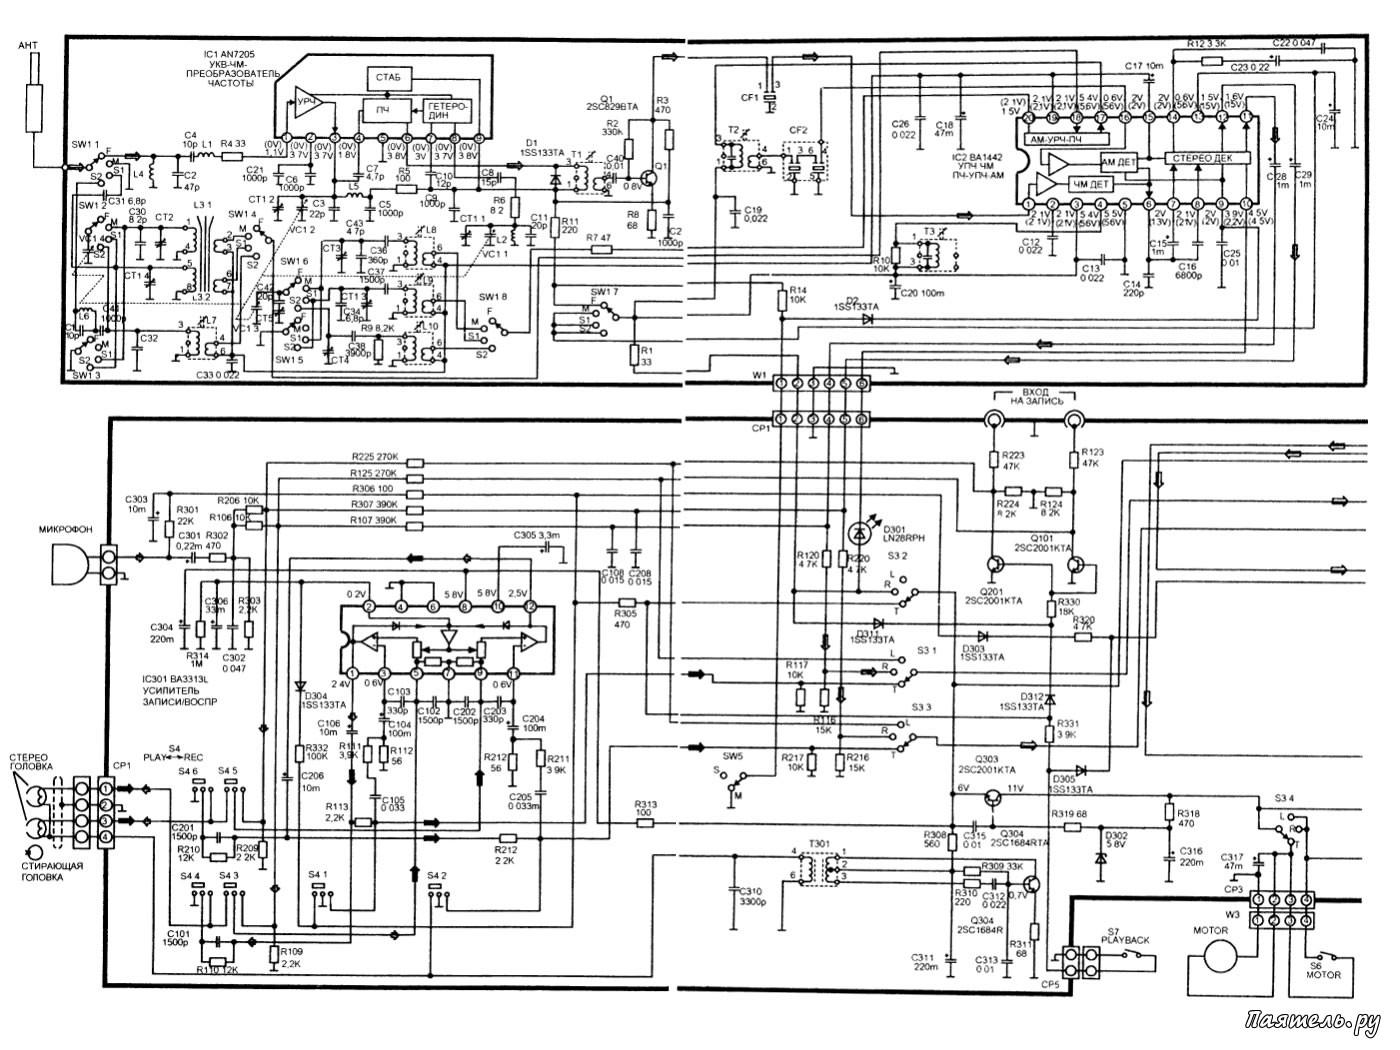 Panasonic rx-fs430 принципиальная схема